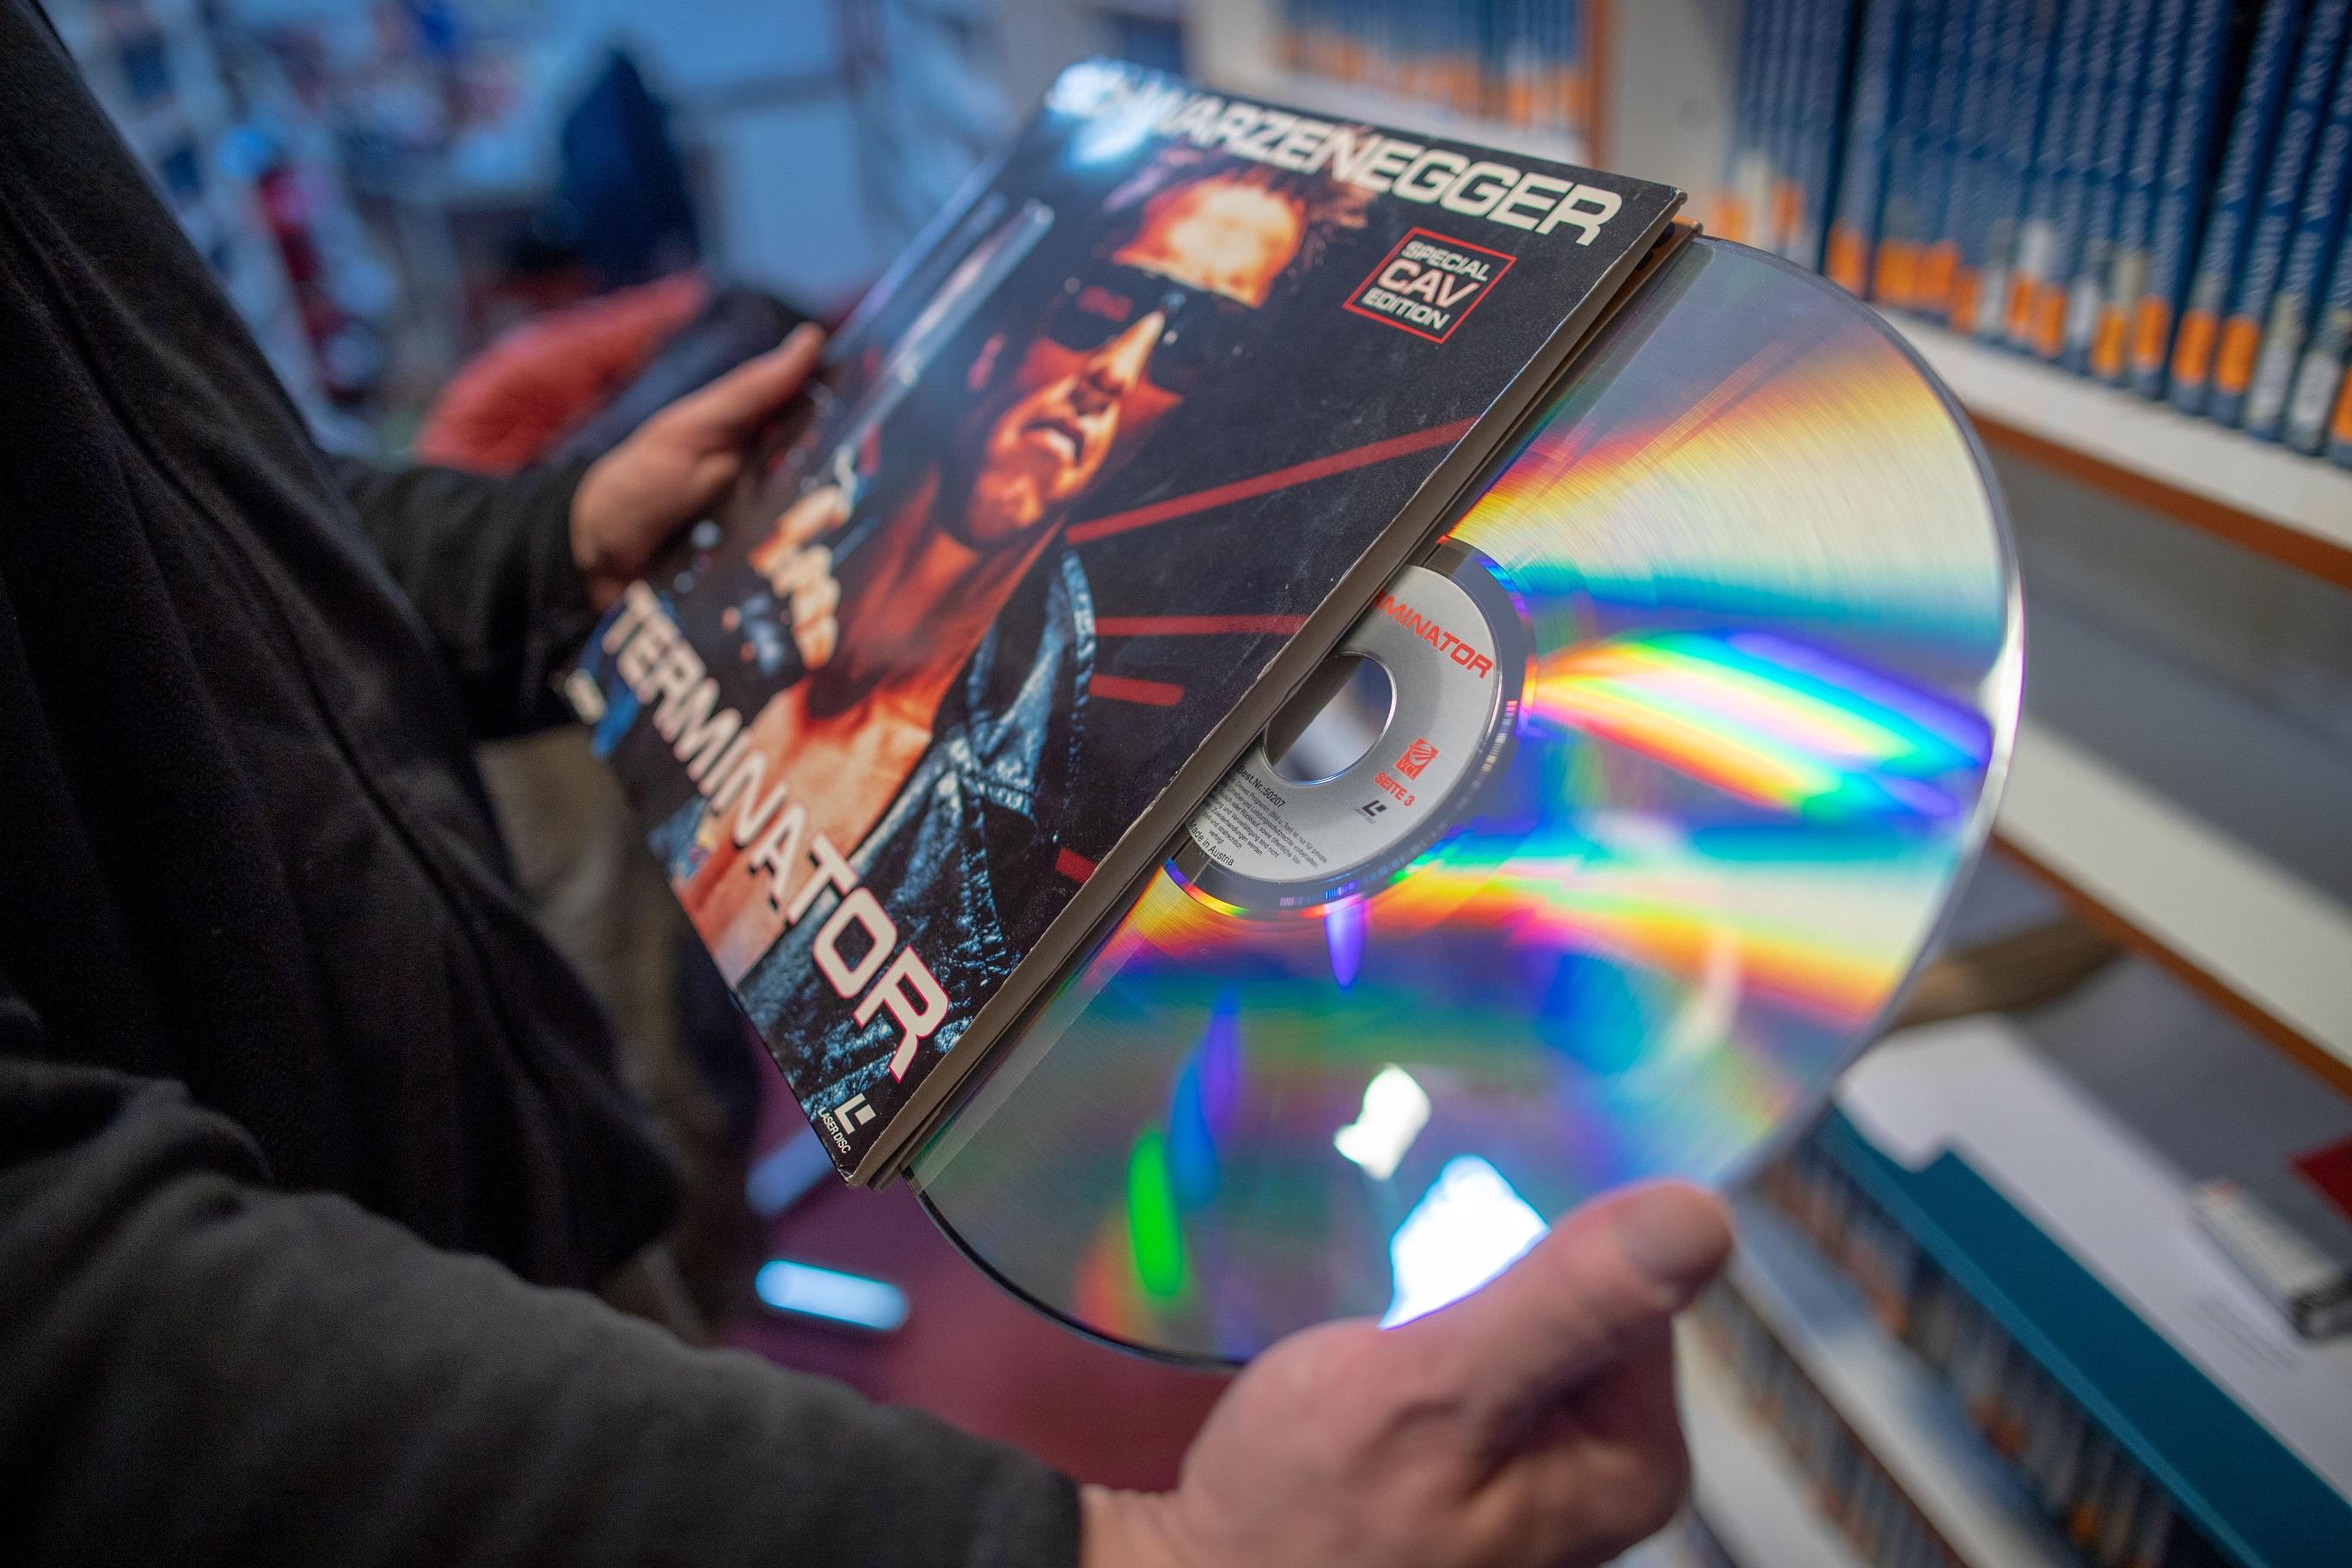 A Terminator egy LaserDiscen (fotó: Jens Büttner/picture alliance via Getty Images)